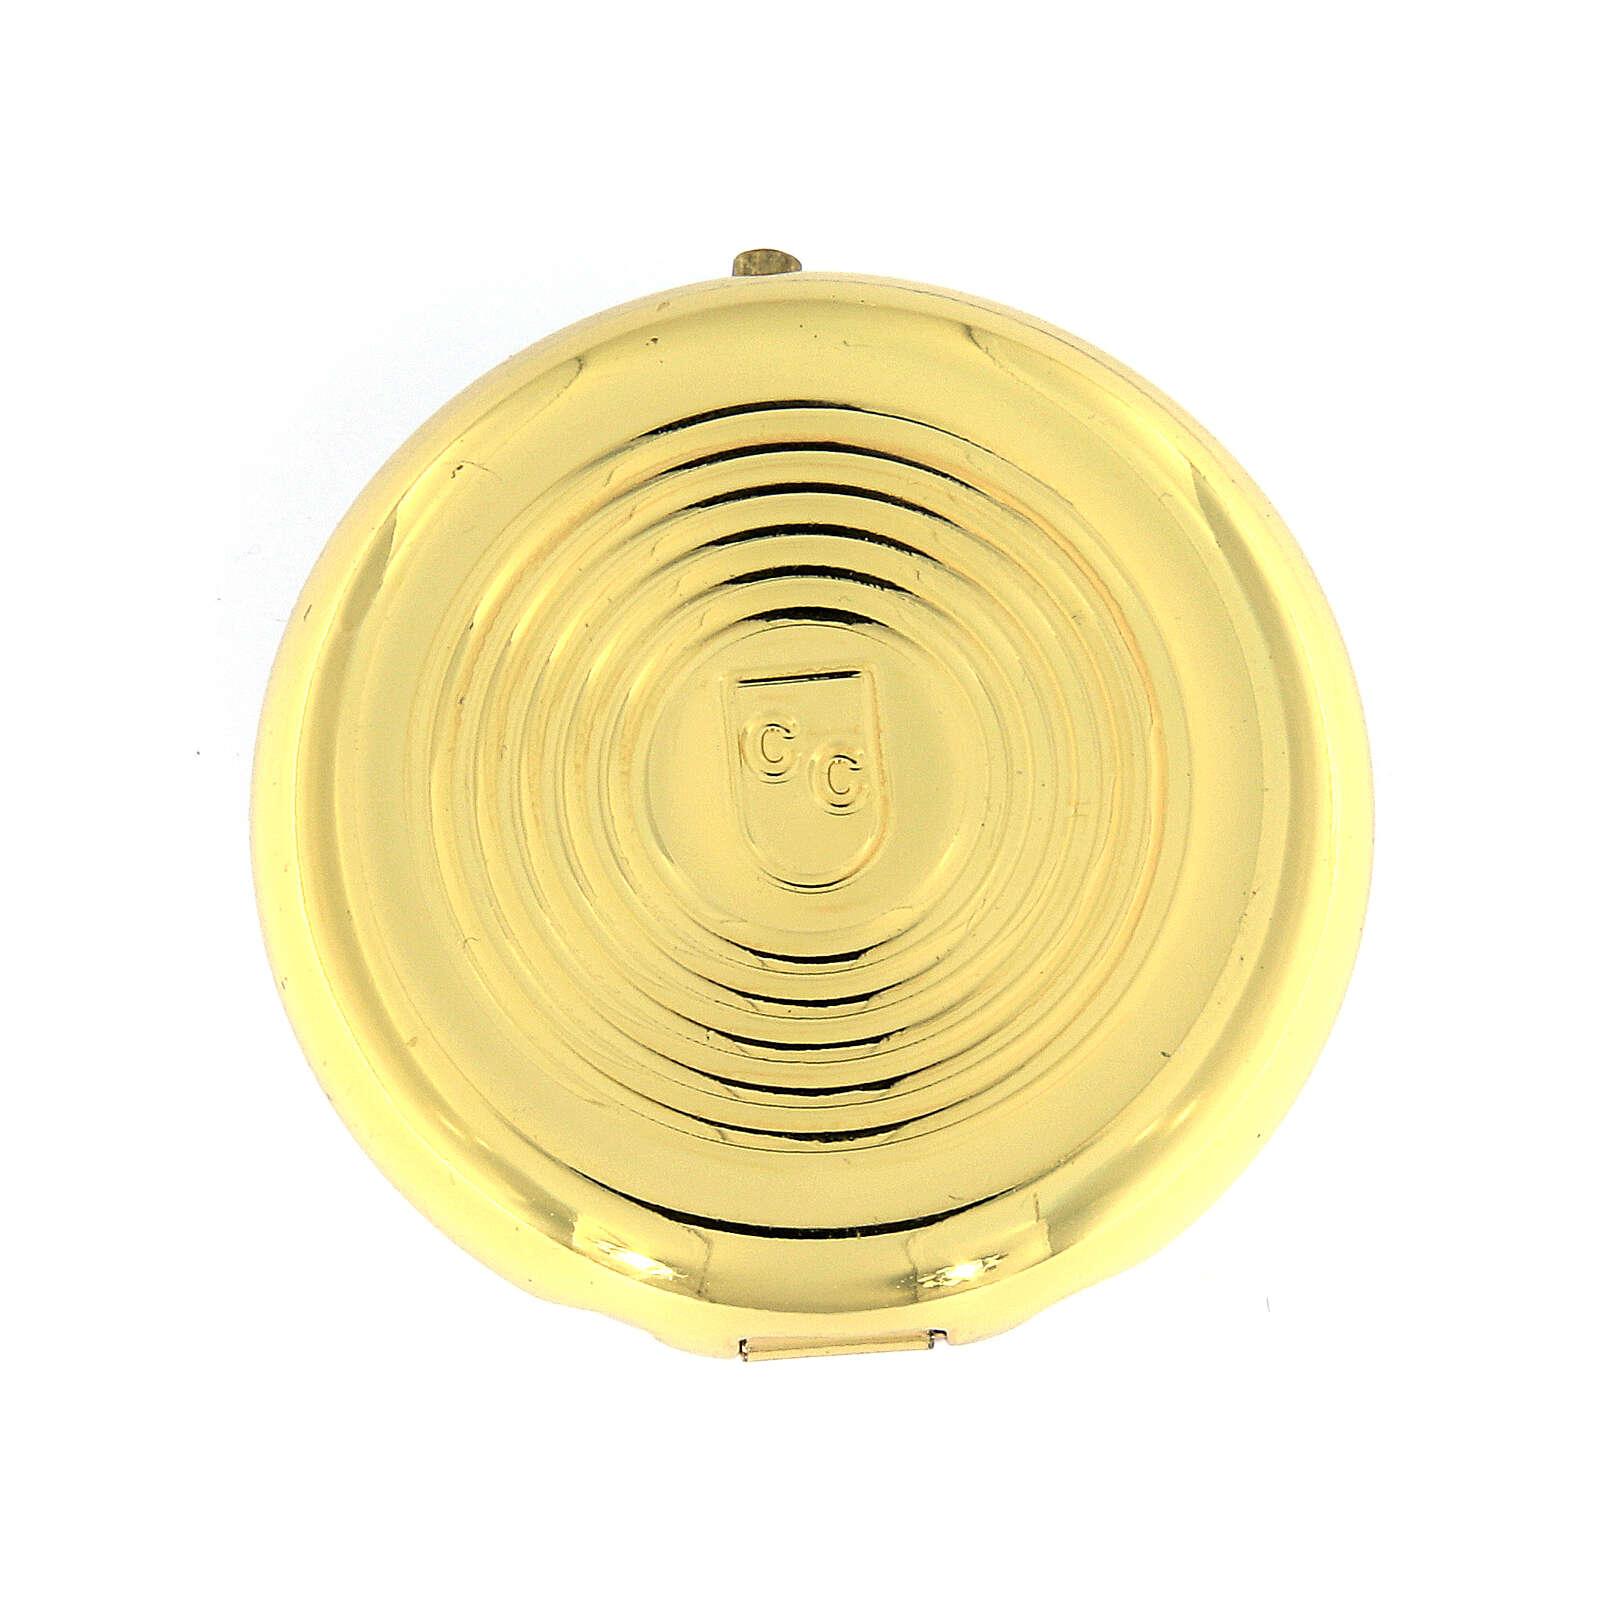 Caixa de hóstias IHS metal placa alumínio detalhes ouro 5 cm 3